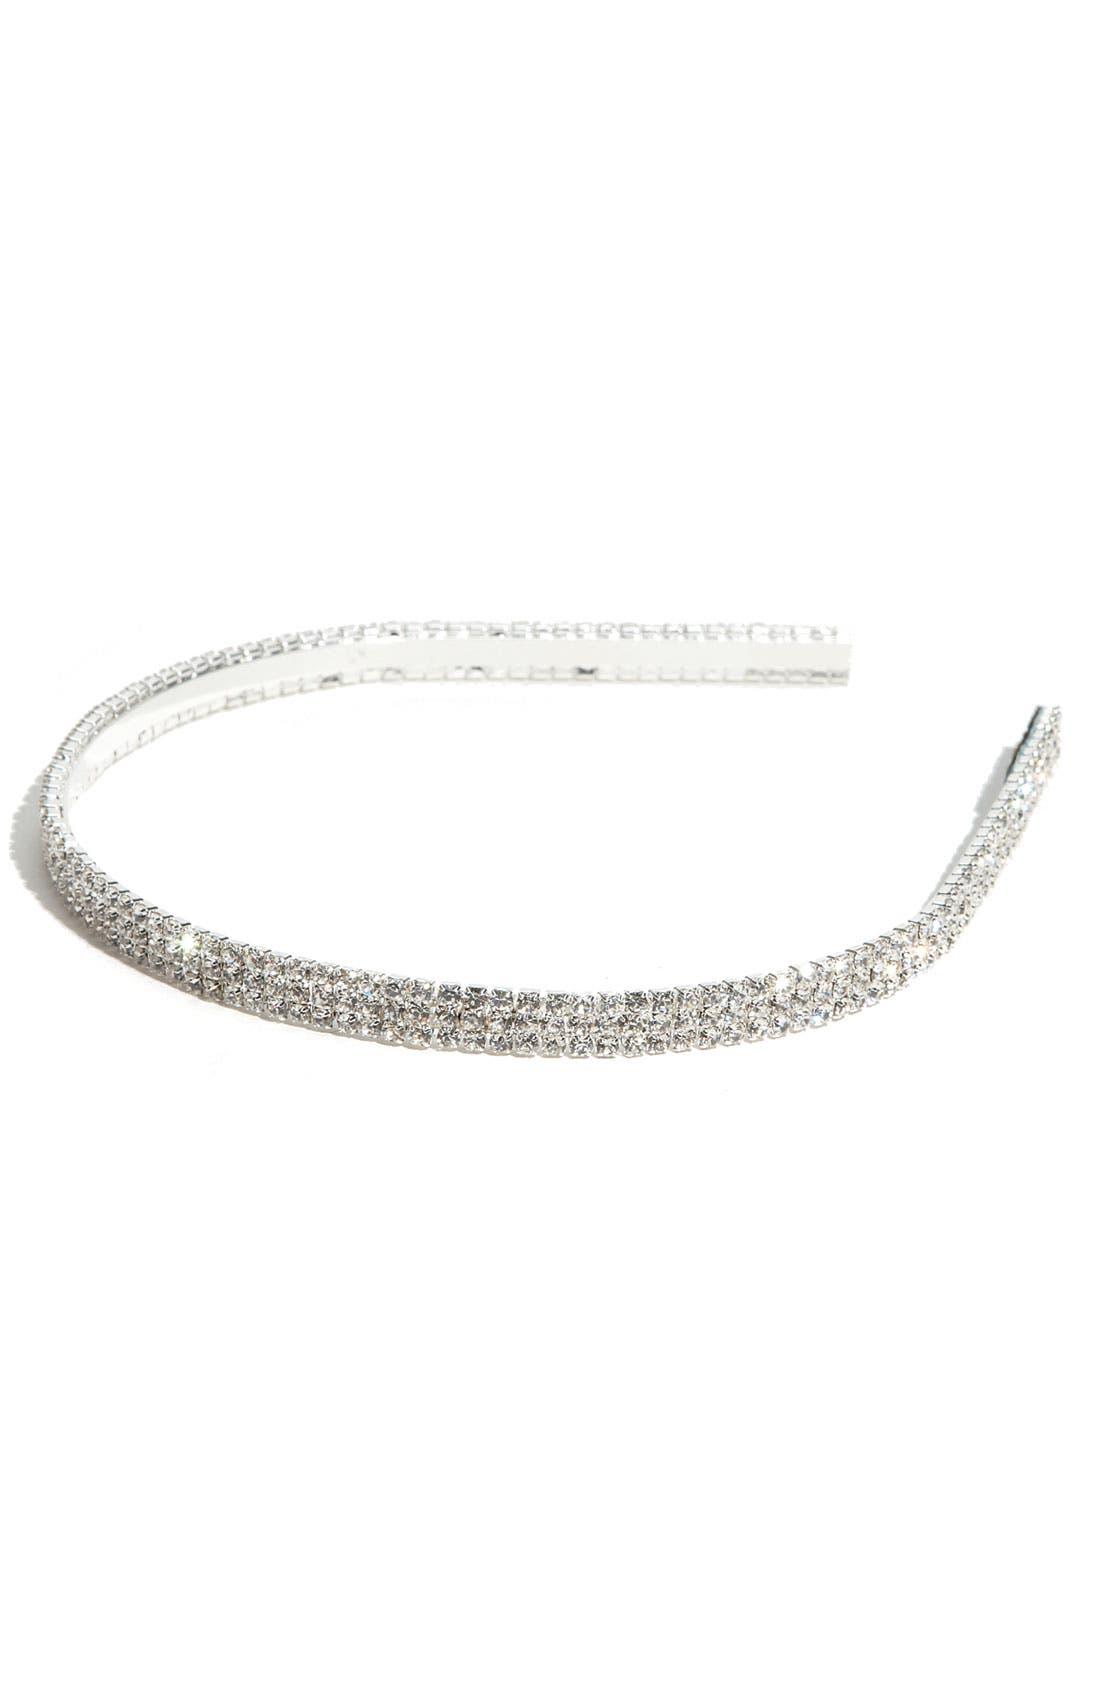 Alternate Image 2  - Tasha 'Solid Rows of Crystal' Headband